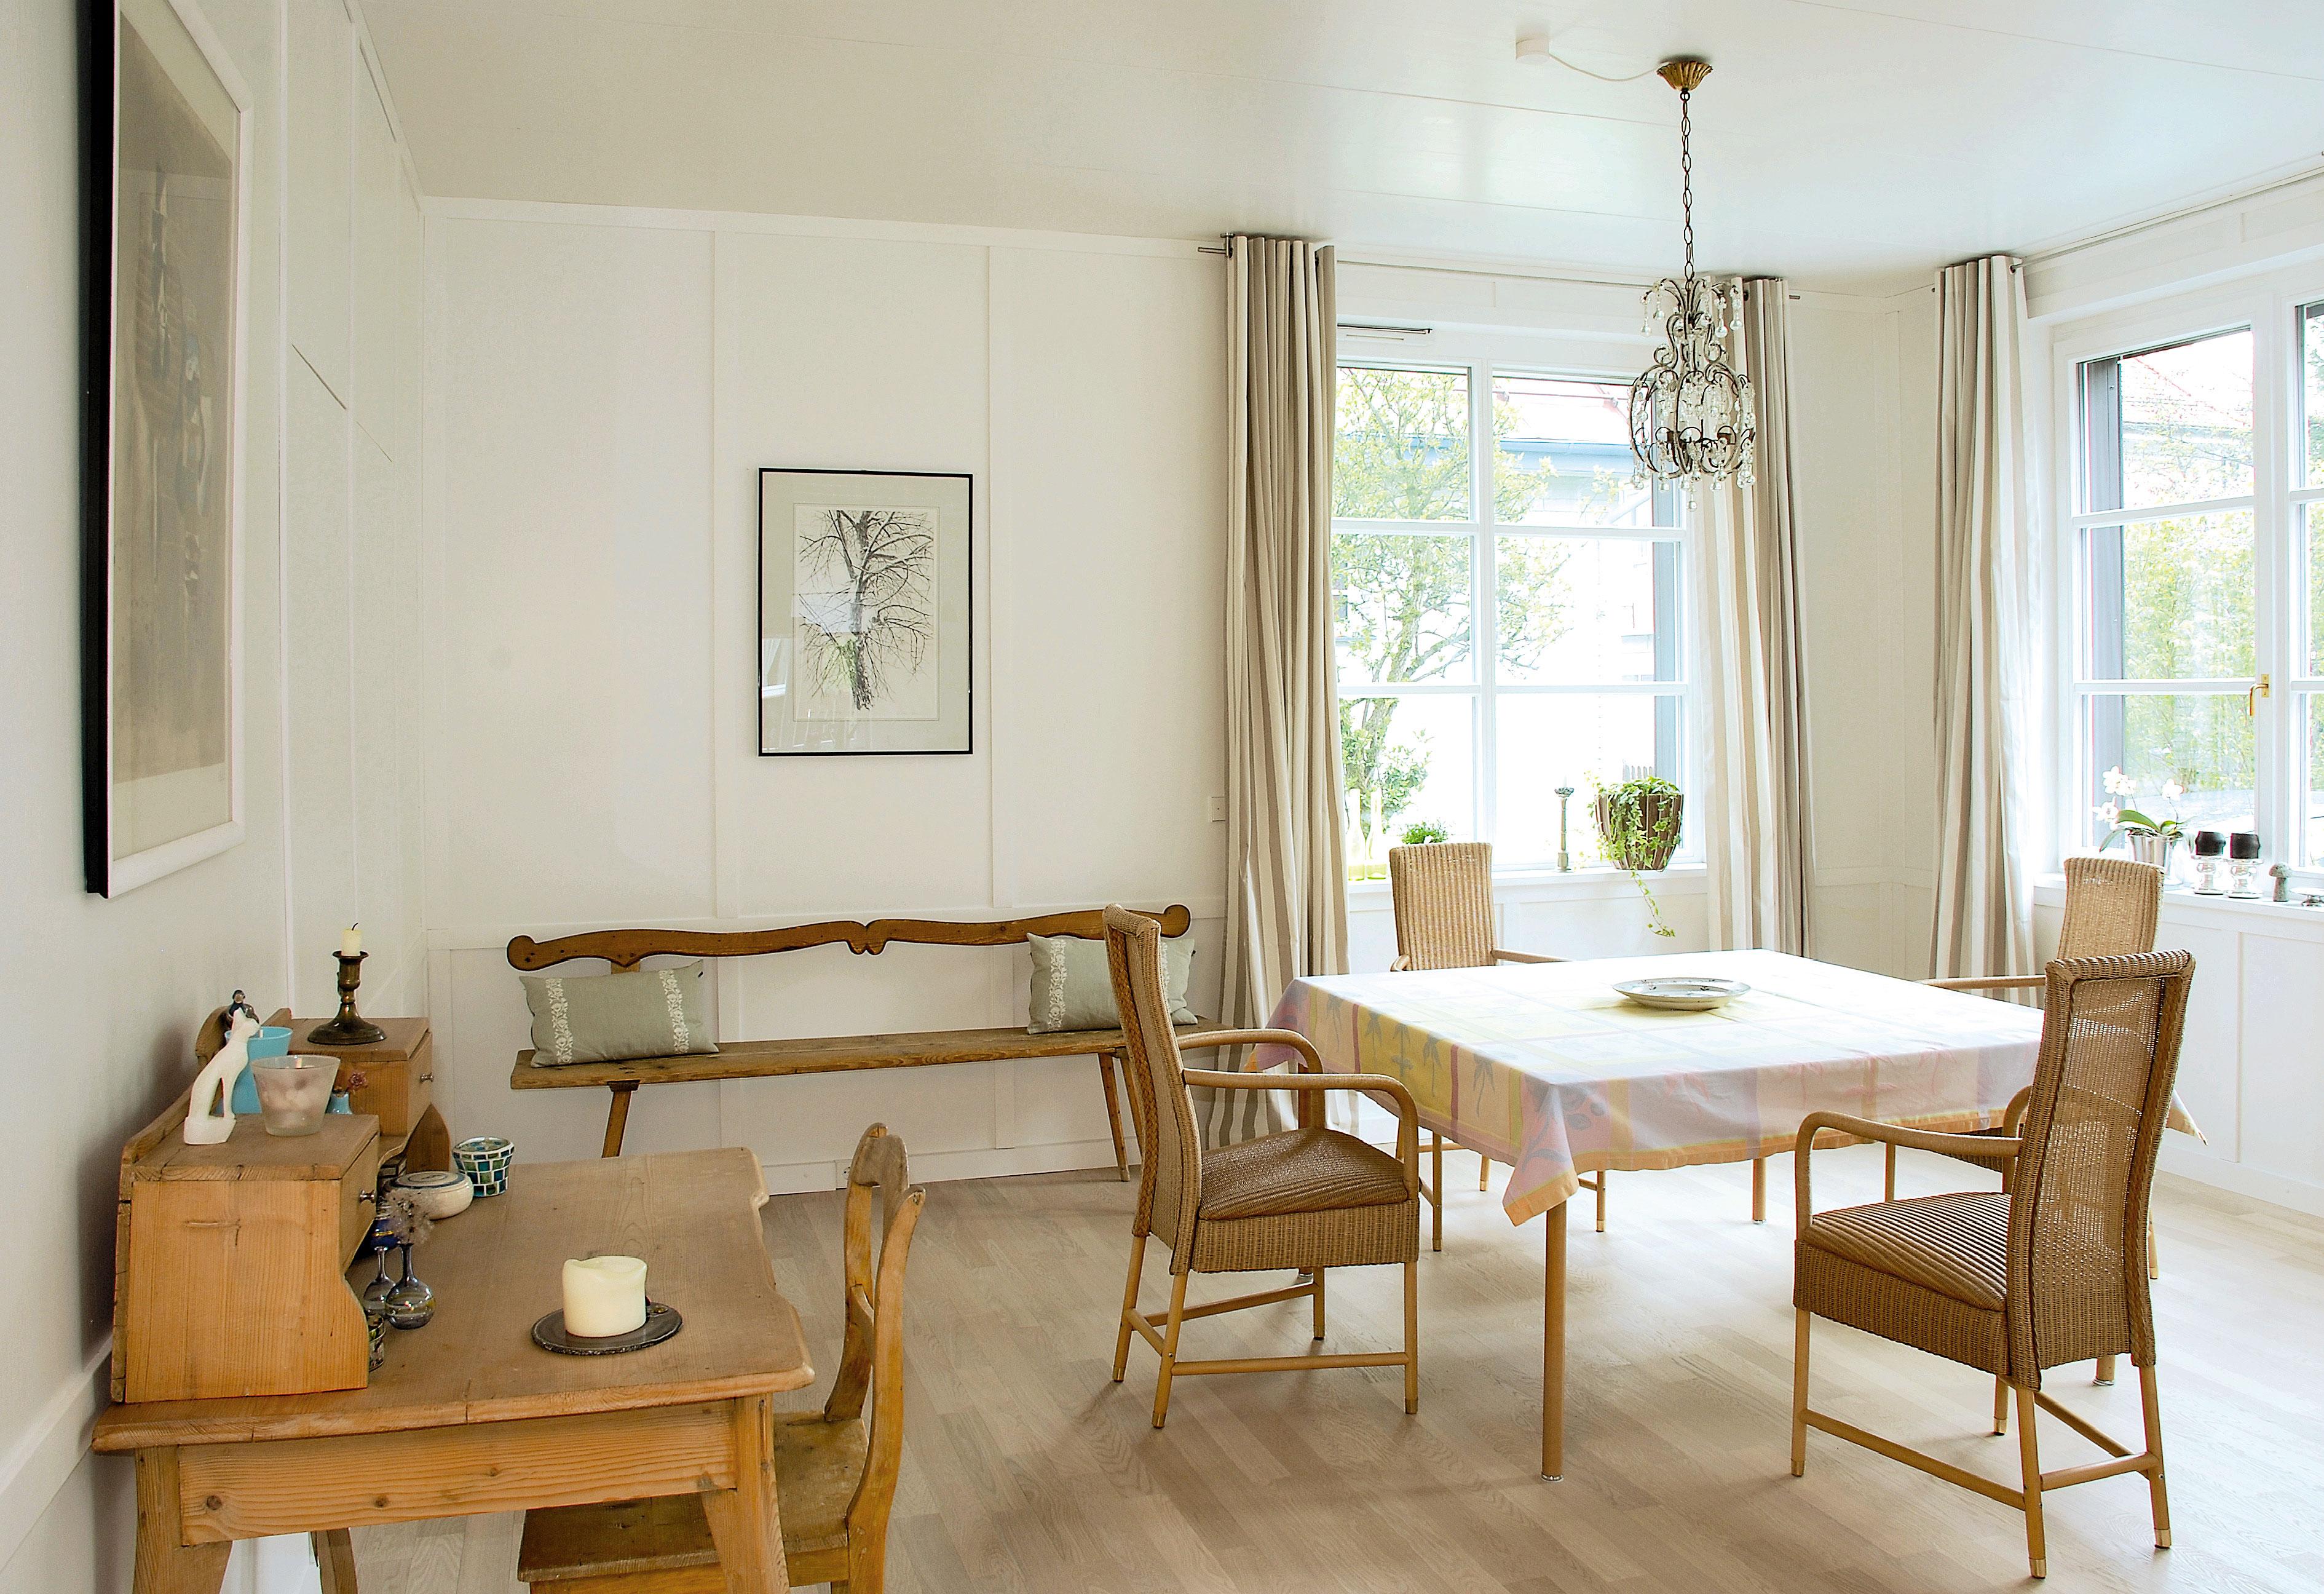 Holzvertäfeltes Esszimmer offen zur Küche und Wohnbereich